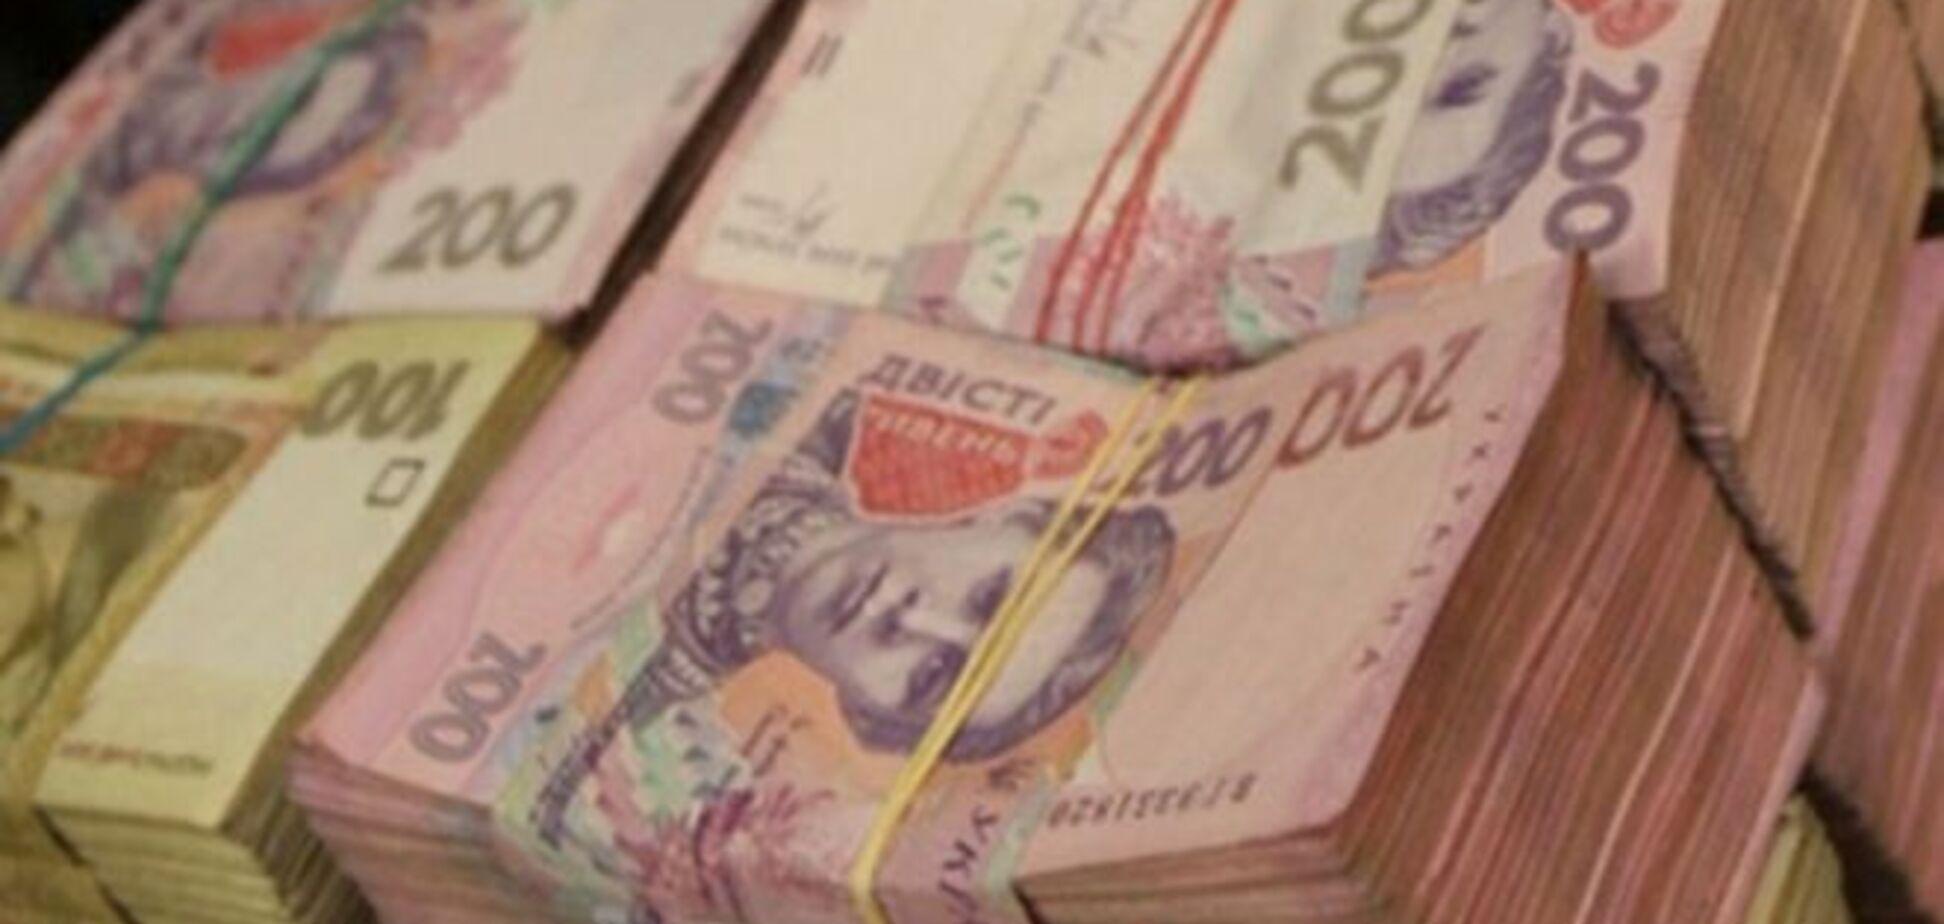 Пограничники поймали мужчину, пытавшегося вывезти из 'ДНР' 600 тыс. грн